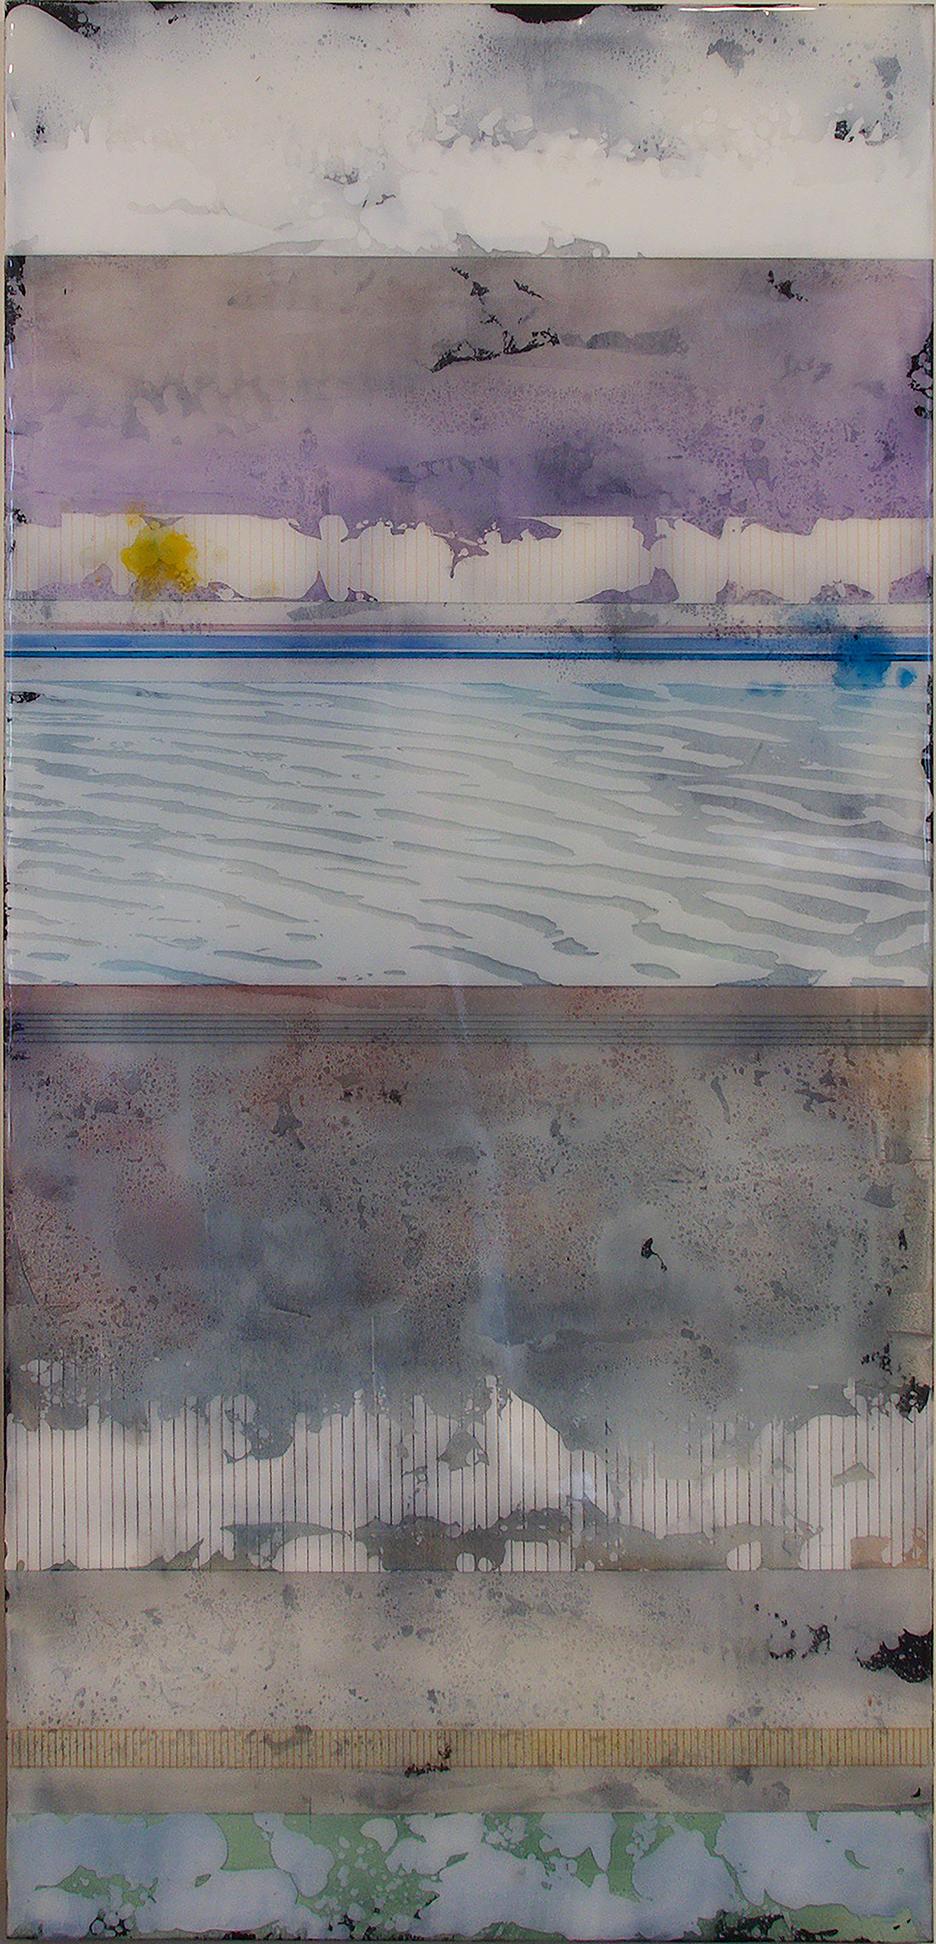 H2O 2 by Ken Sloan